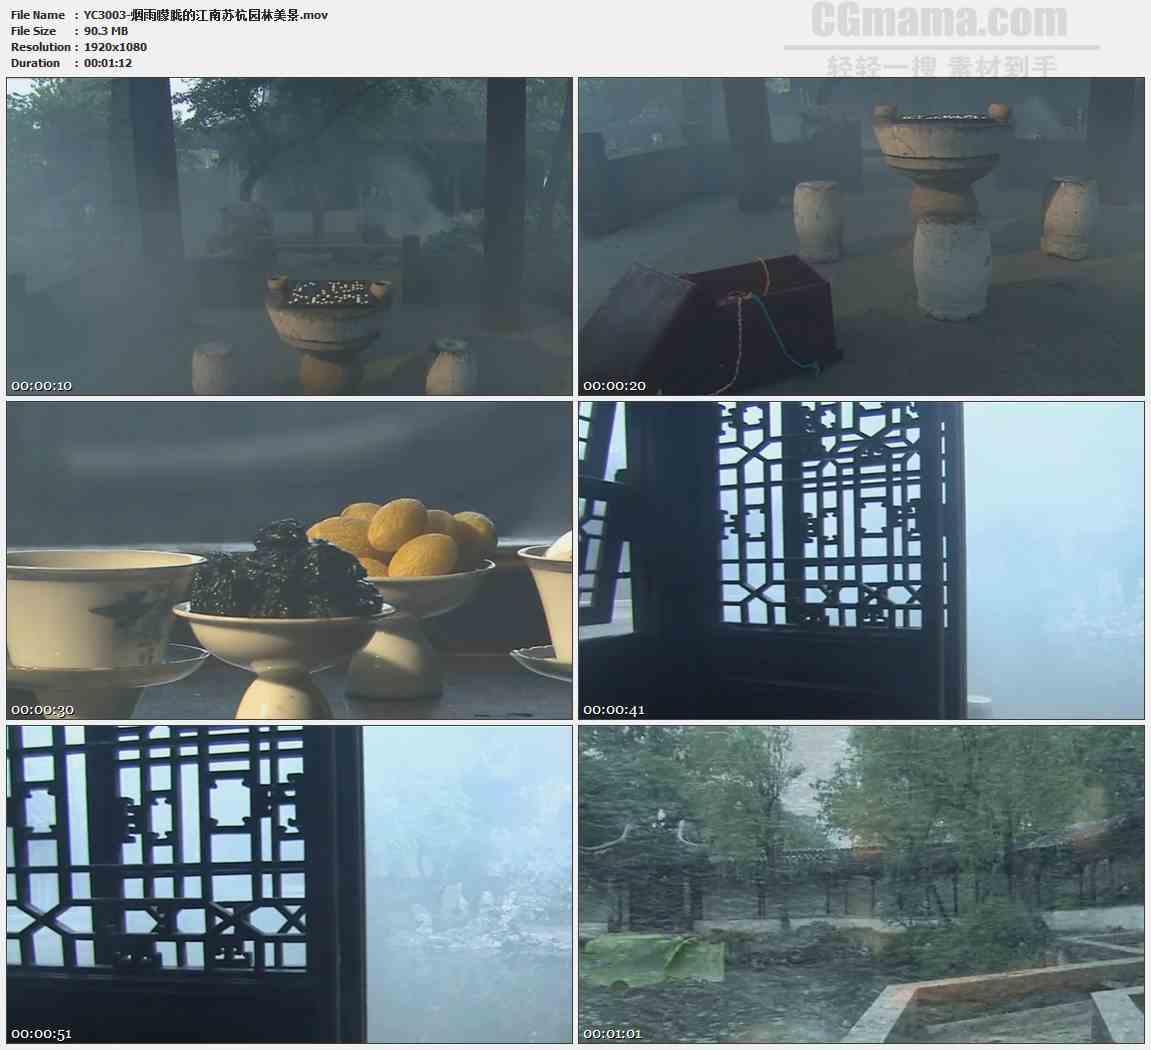 YC3003-烟雨朦胧的江南苏杭园林美景高清实拍视频素材